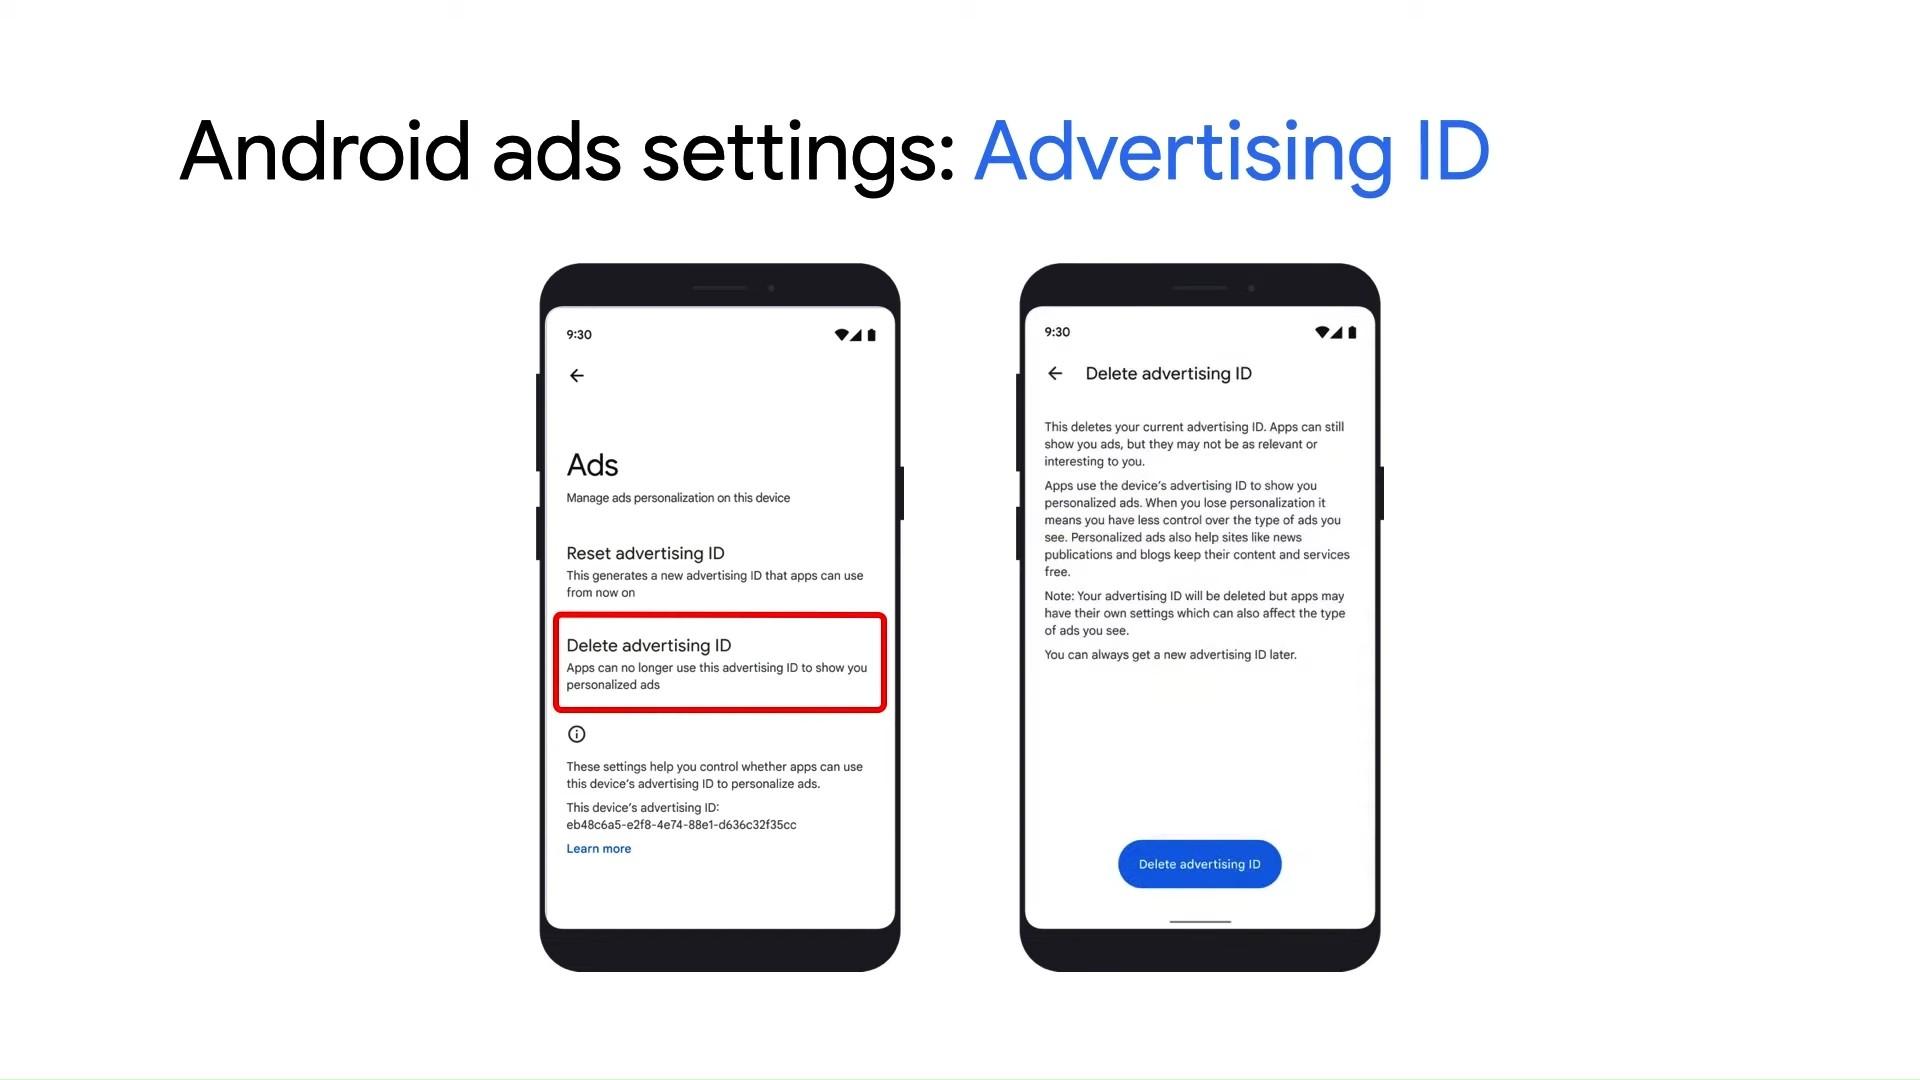 جوجل تتيح للمستخدمين حذف ألأعلانات ألخاصة بهم...